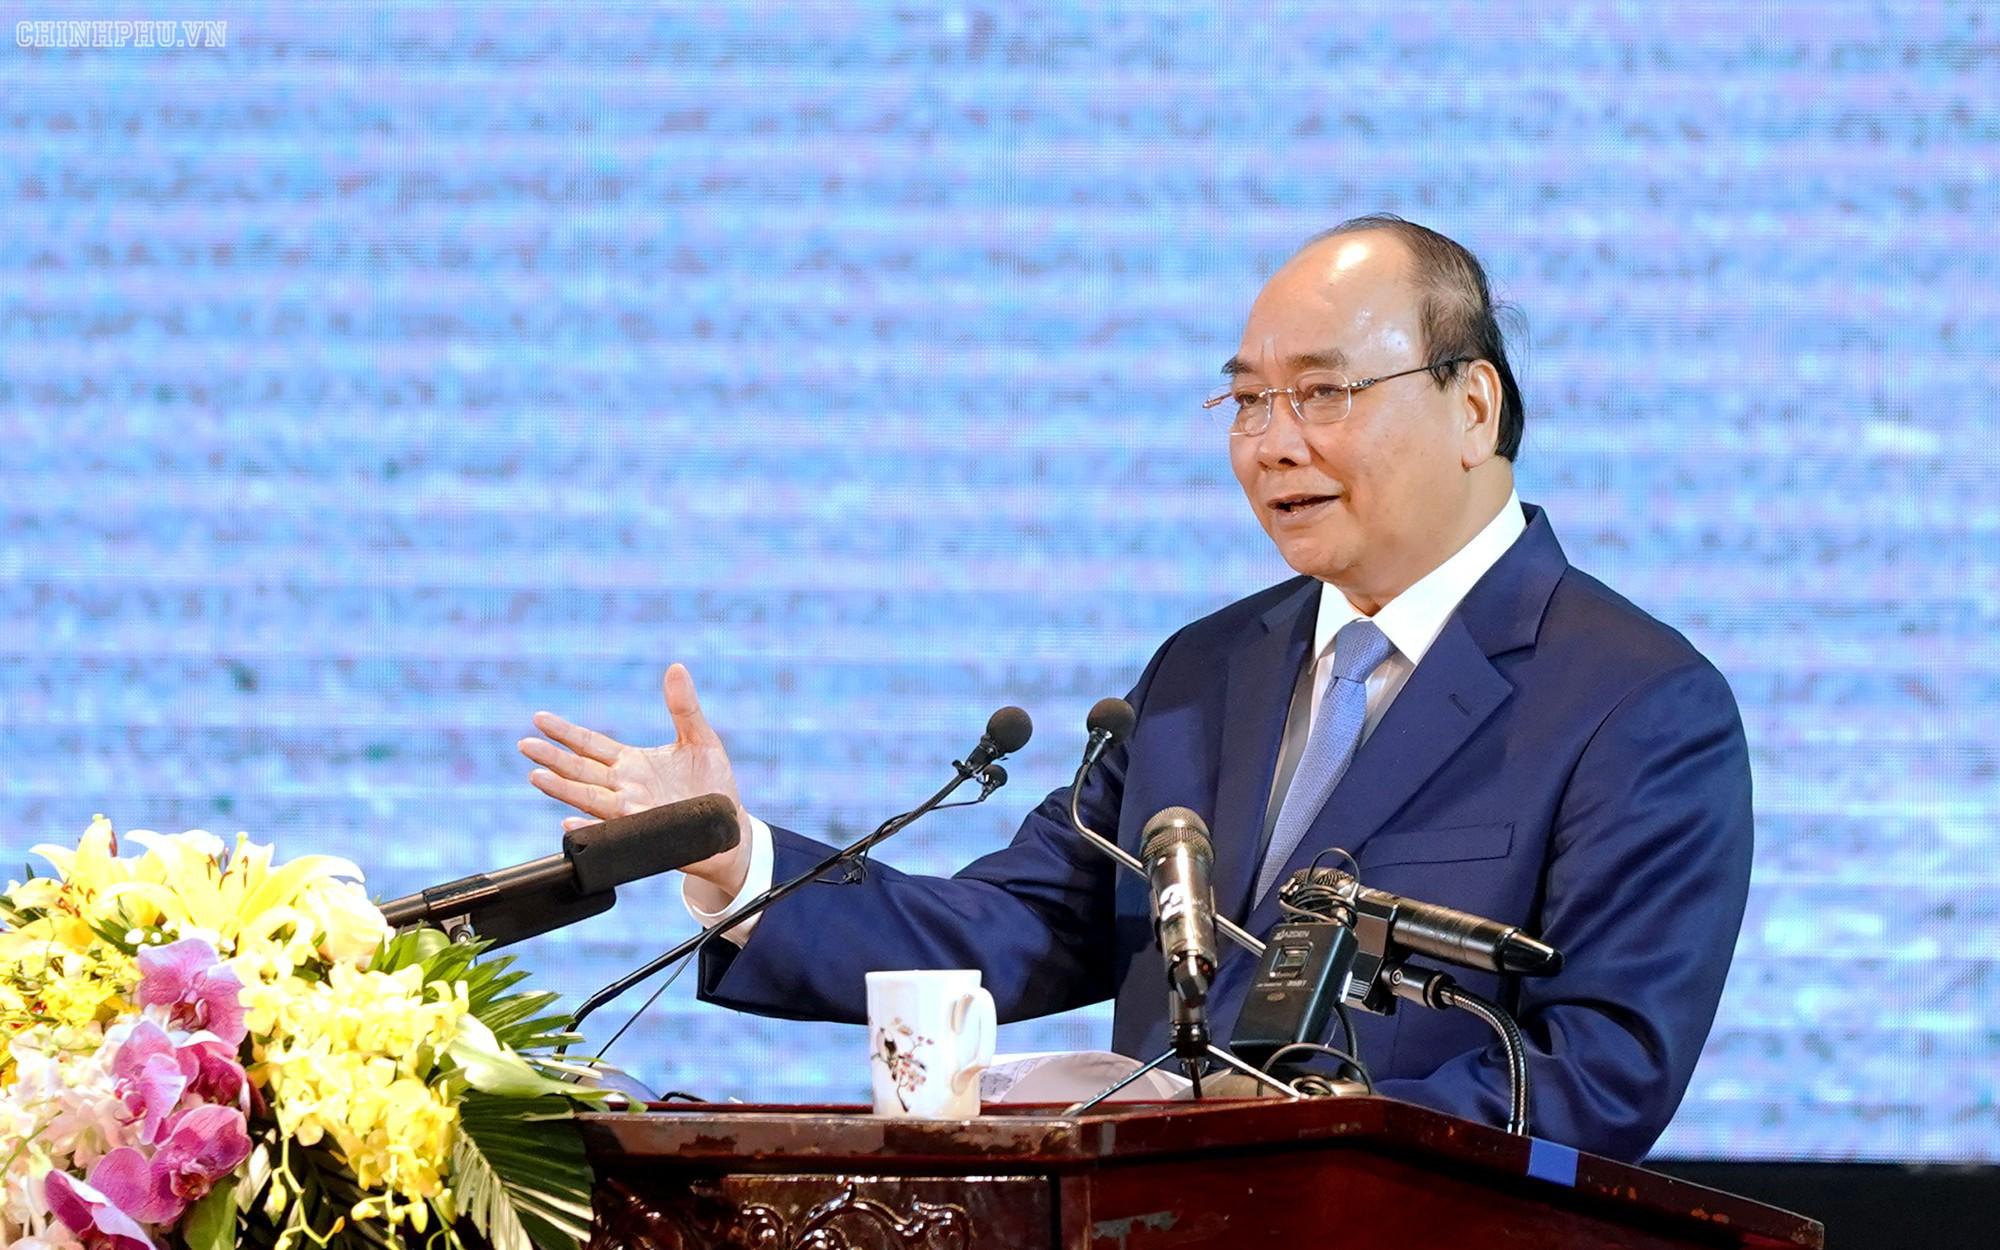 Thủ Tướng chỉ đạo xử lý lừa đảo qua mạng, chuyển nhượng đất đai